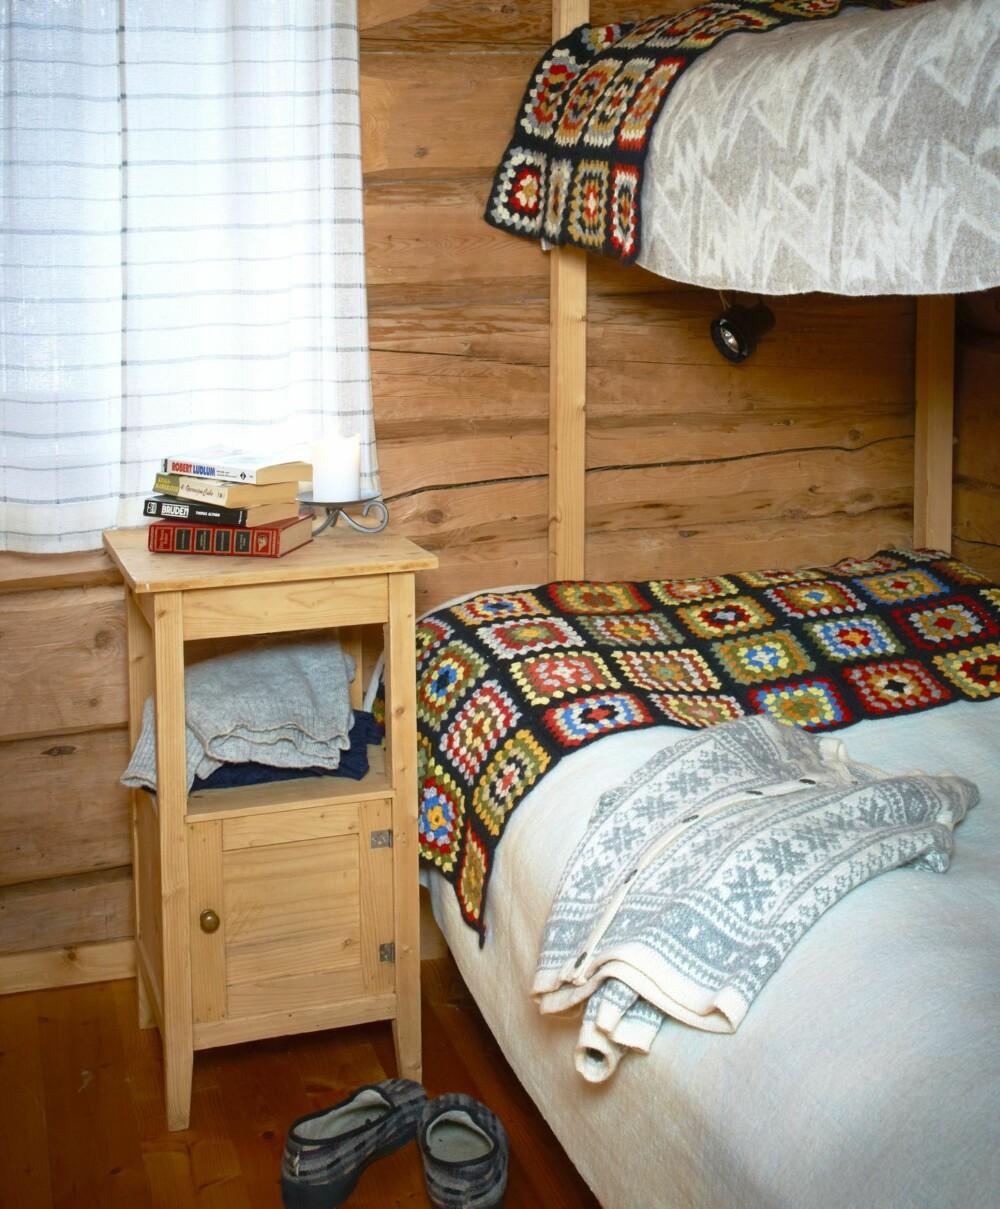 KLASSISK: Soverommene er små, og innredet tradisjonelt med en køyeseng.